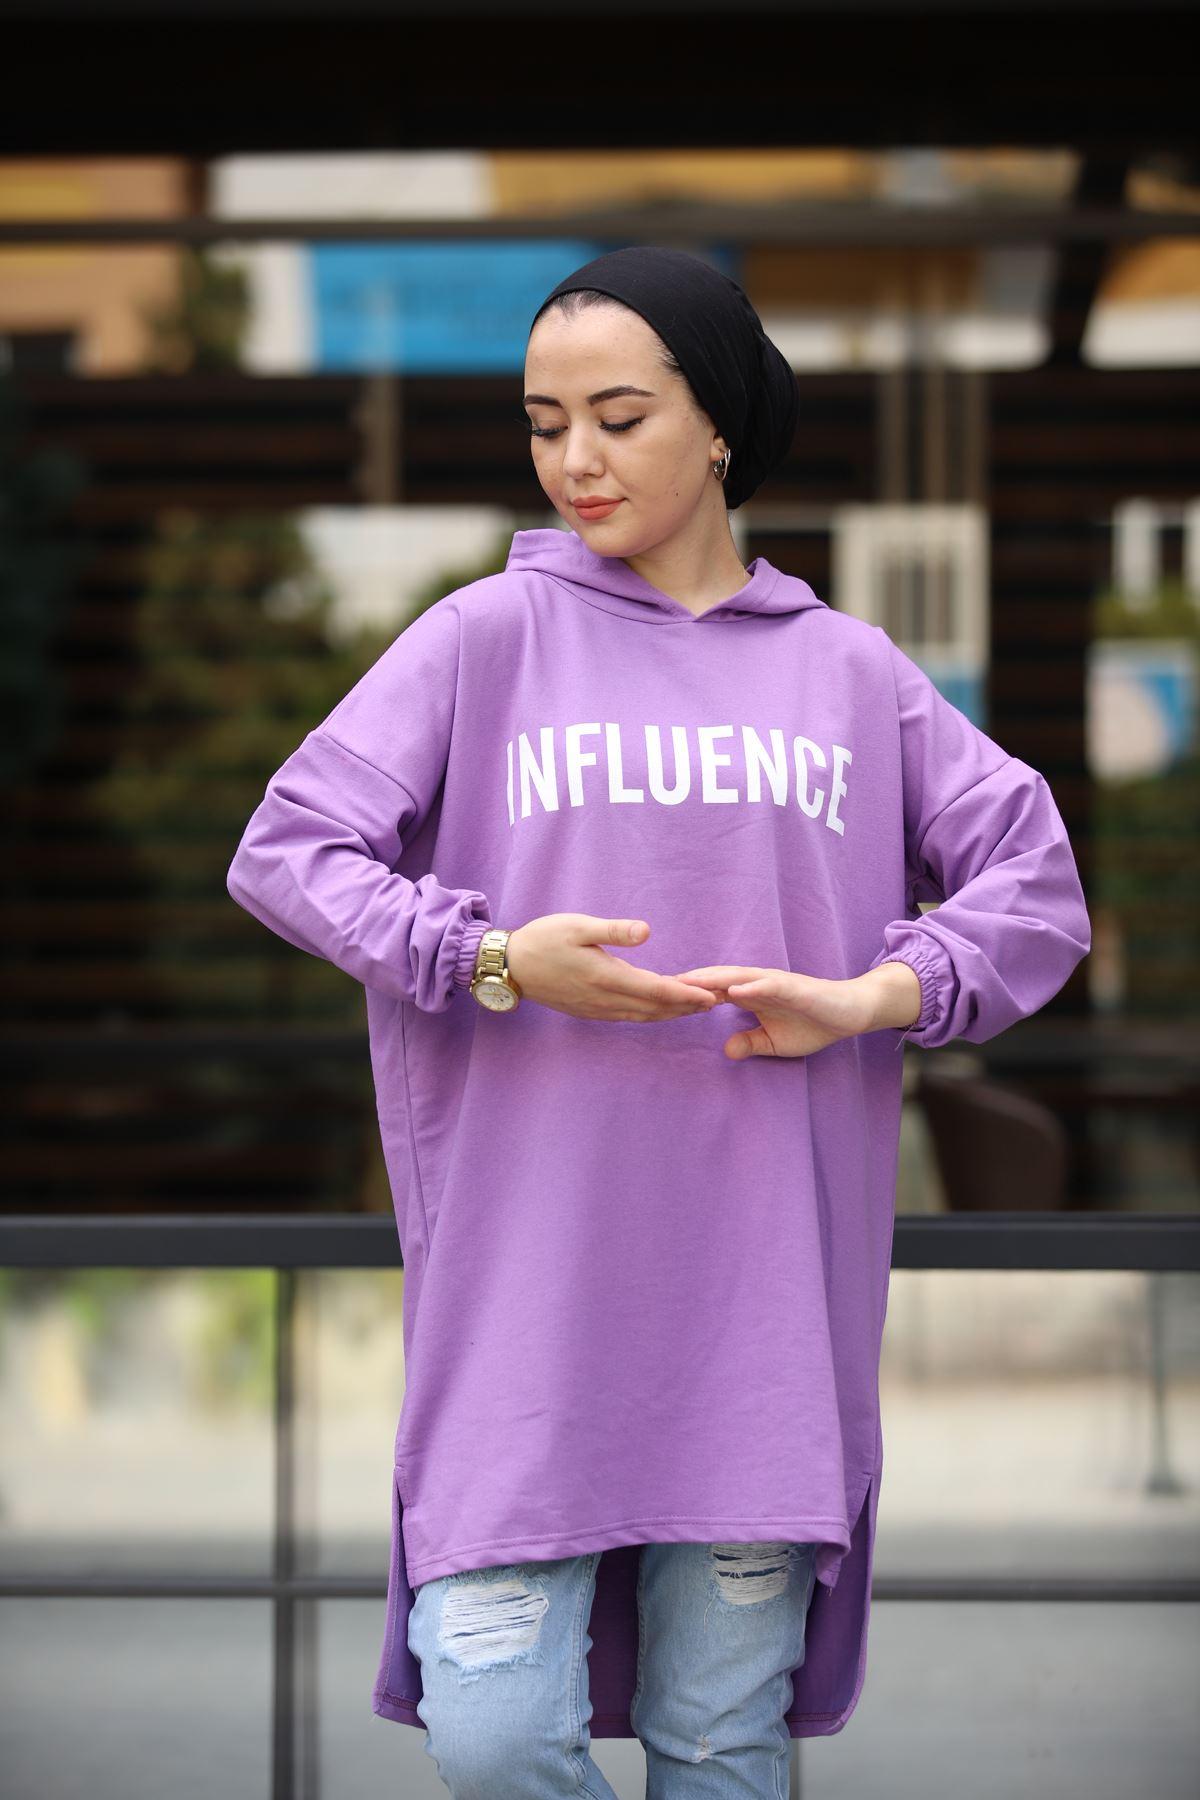 Influence Baskılı Sweat - Mor